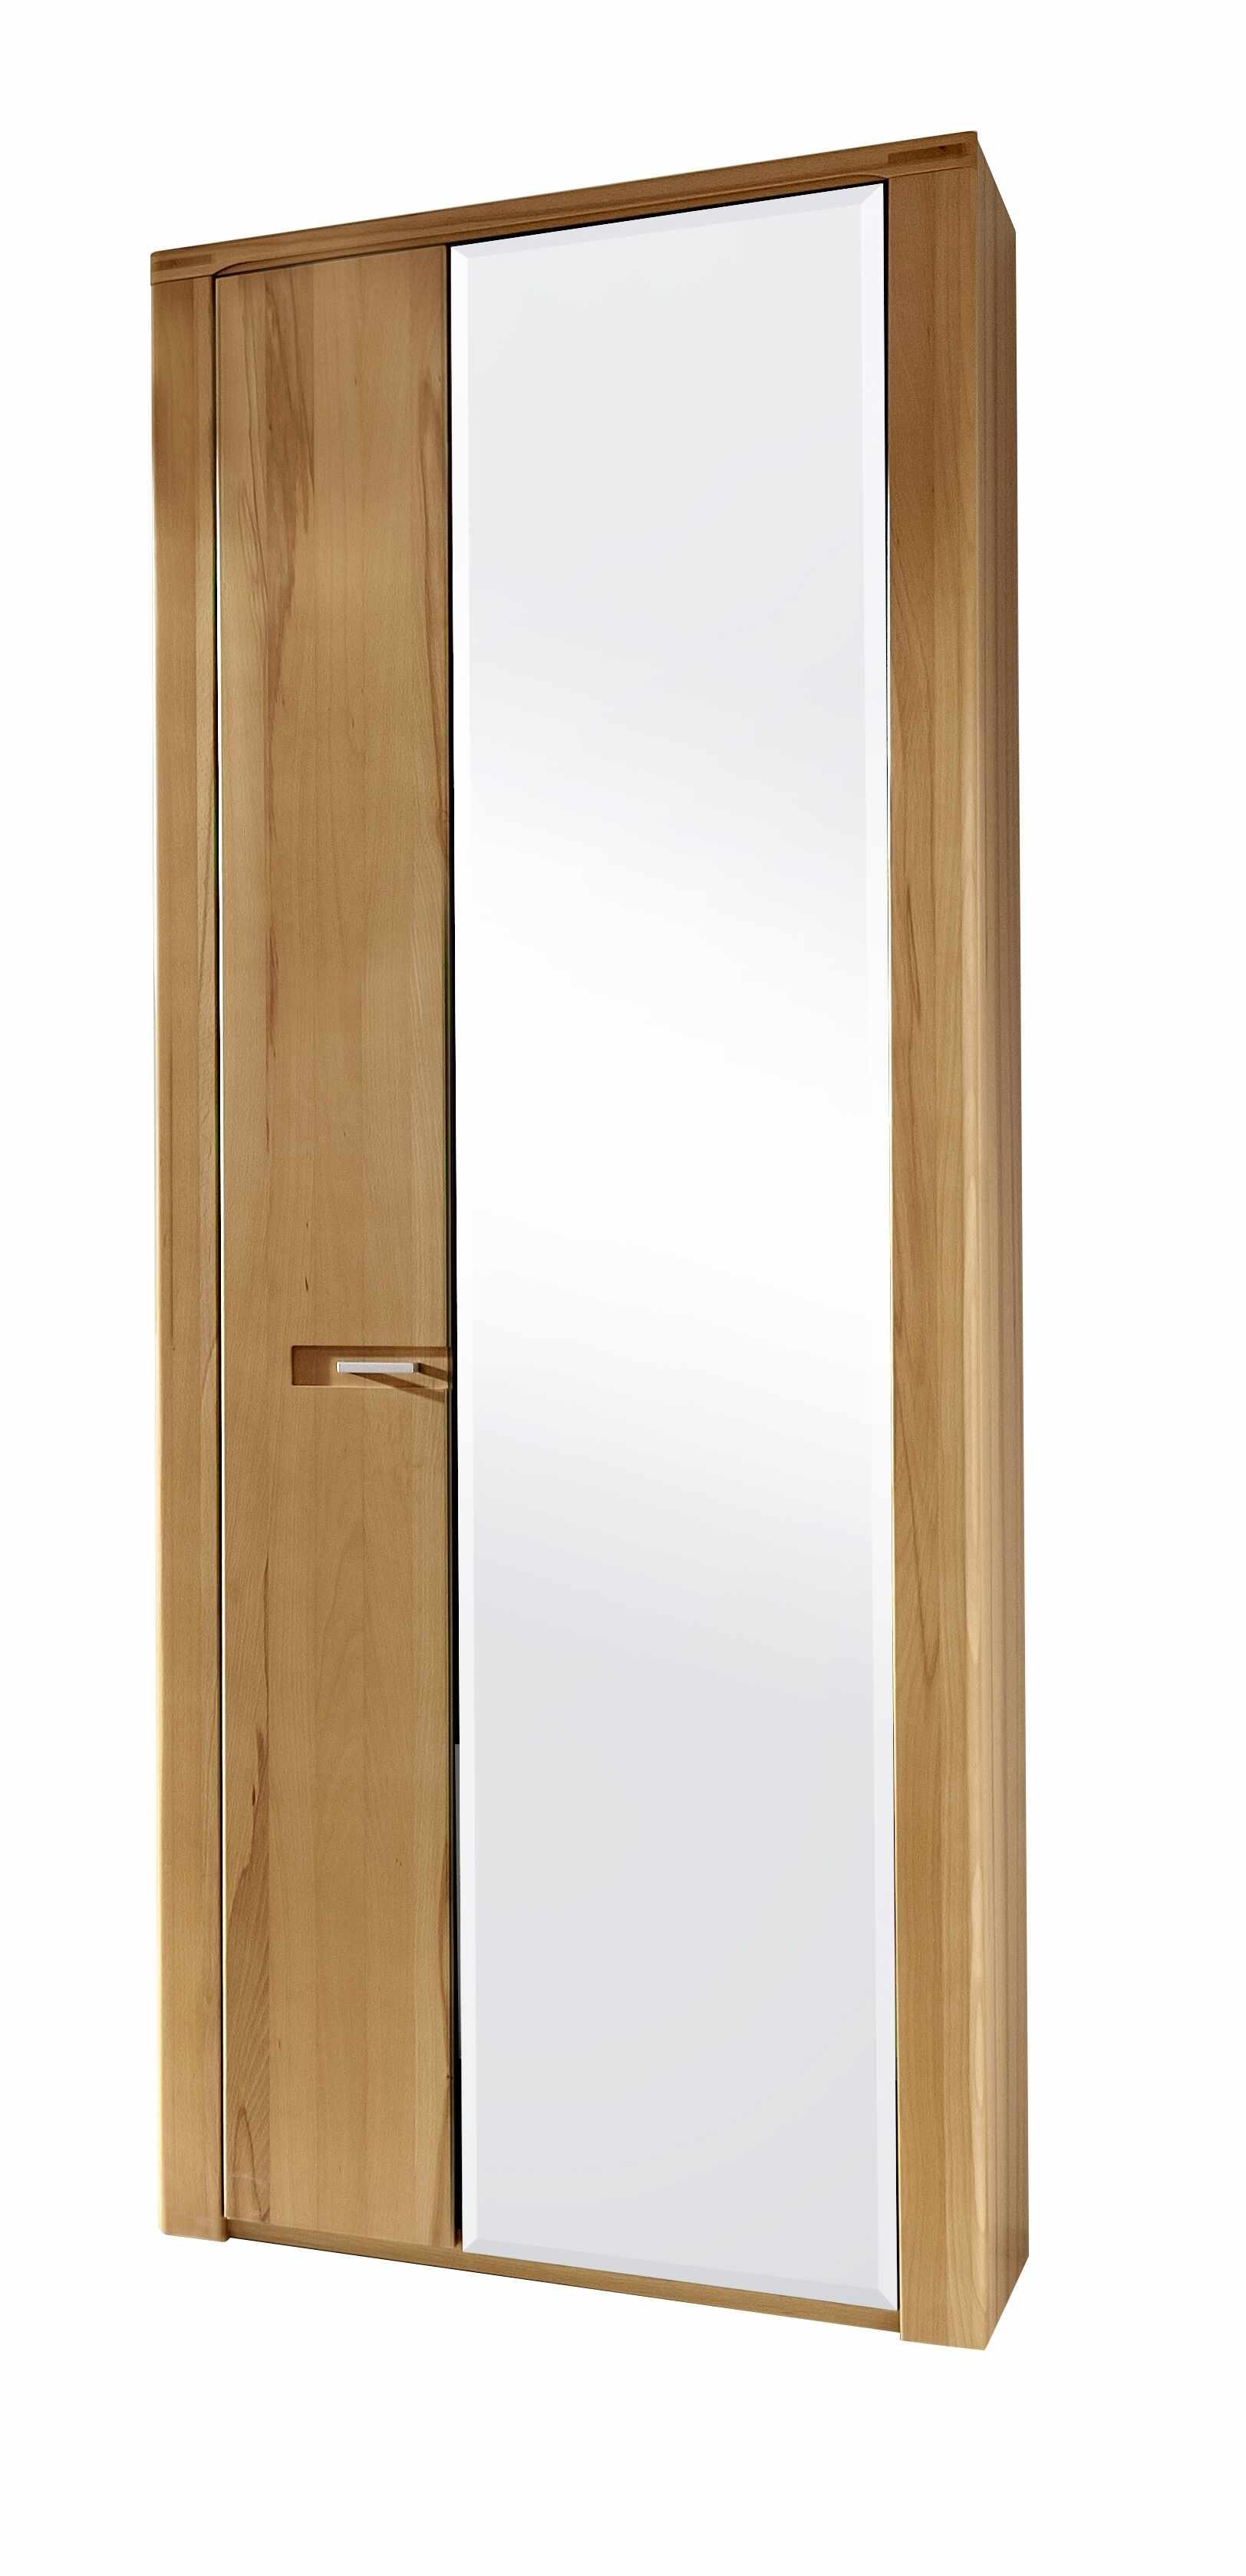 Dulap hol din pal cu oglinda cu 2 usi, Natur Plus, l74xA40xH200 cm la pret 2216 lei